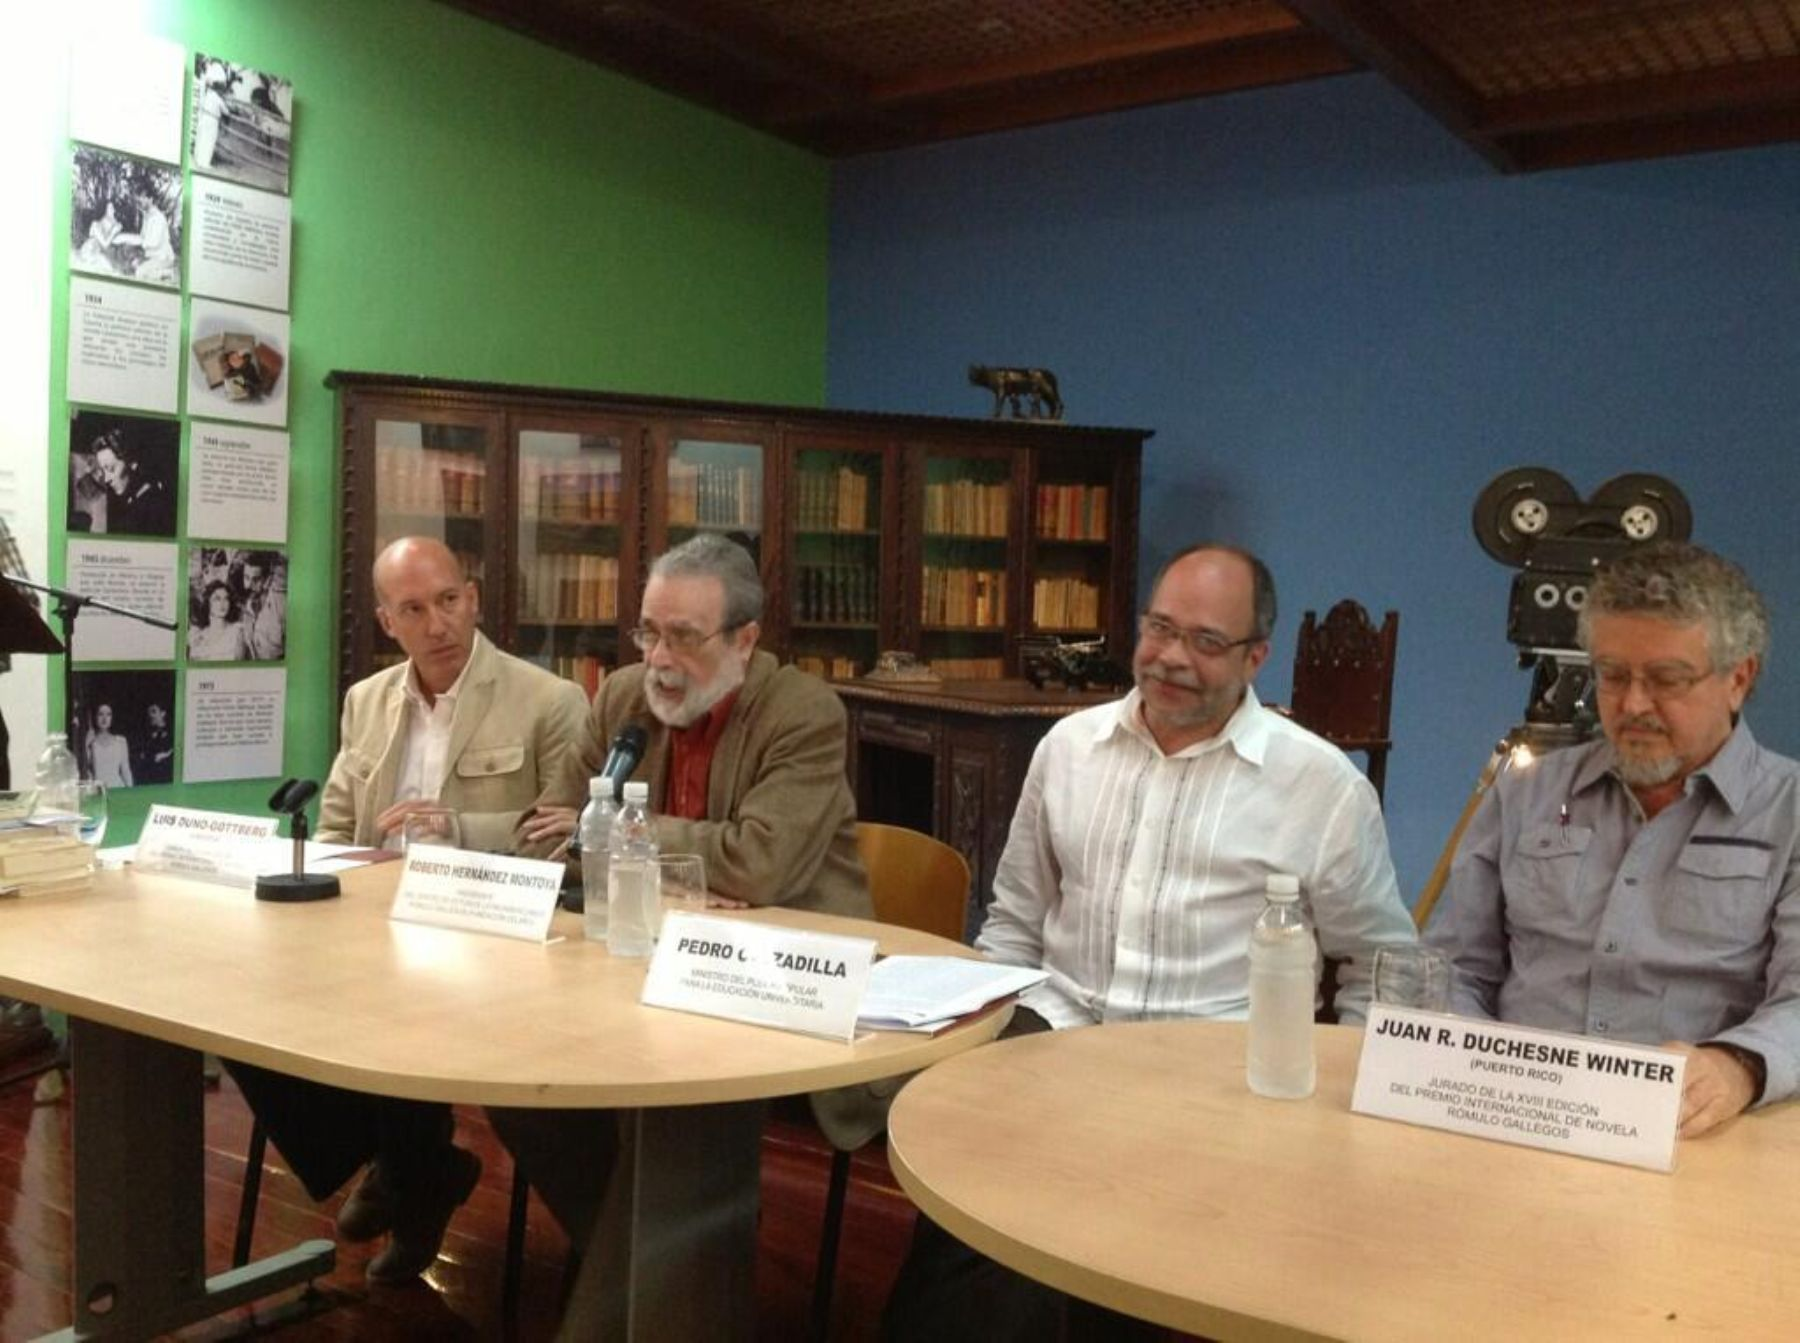 Jurado del premio Rómulo Gallegos durante conferencia en la que se anunció a ganador de la edición 2013. Foto: @MarialciraMatuT.